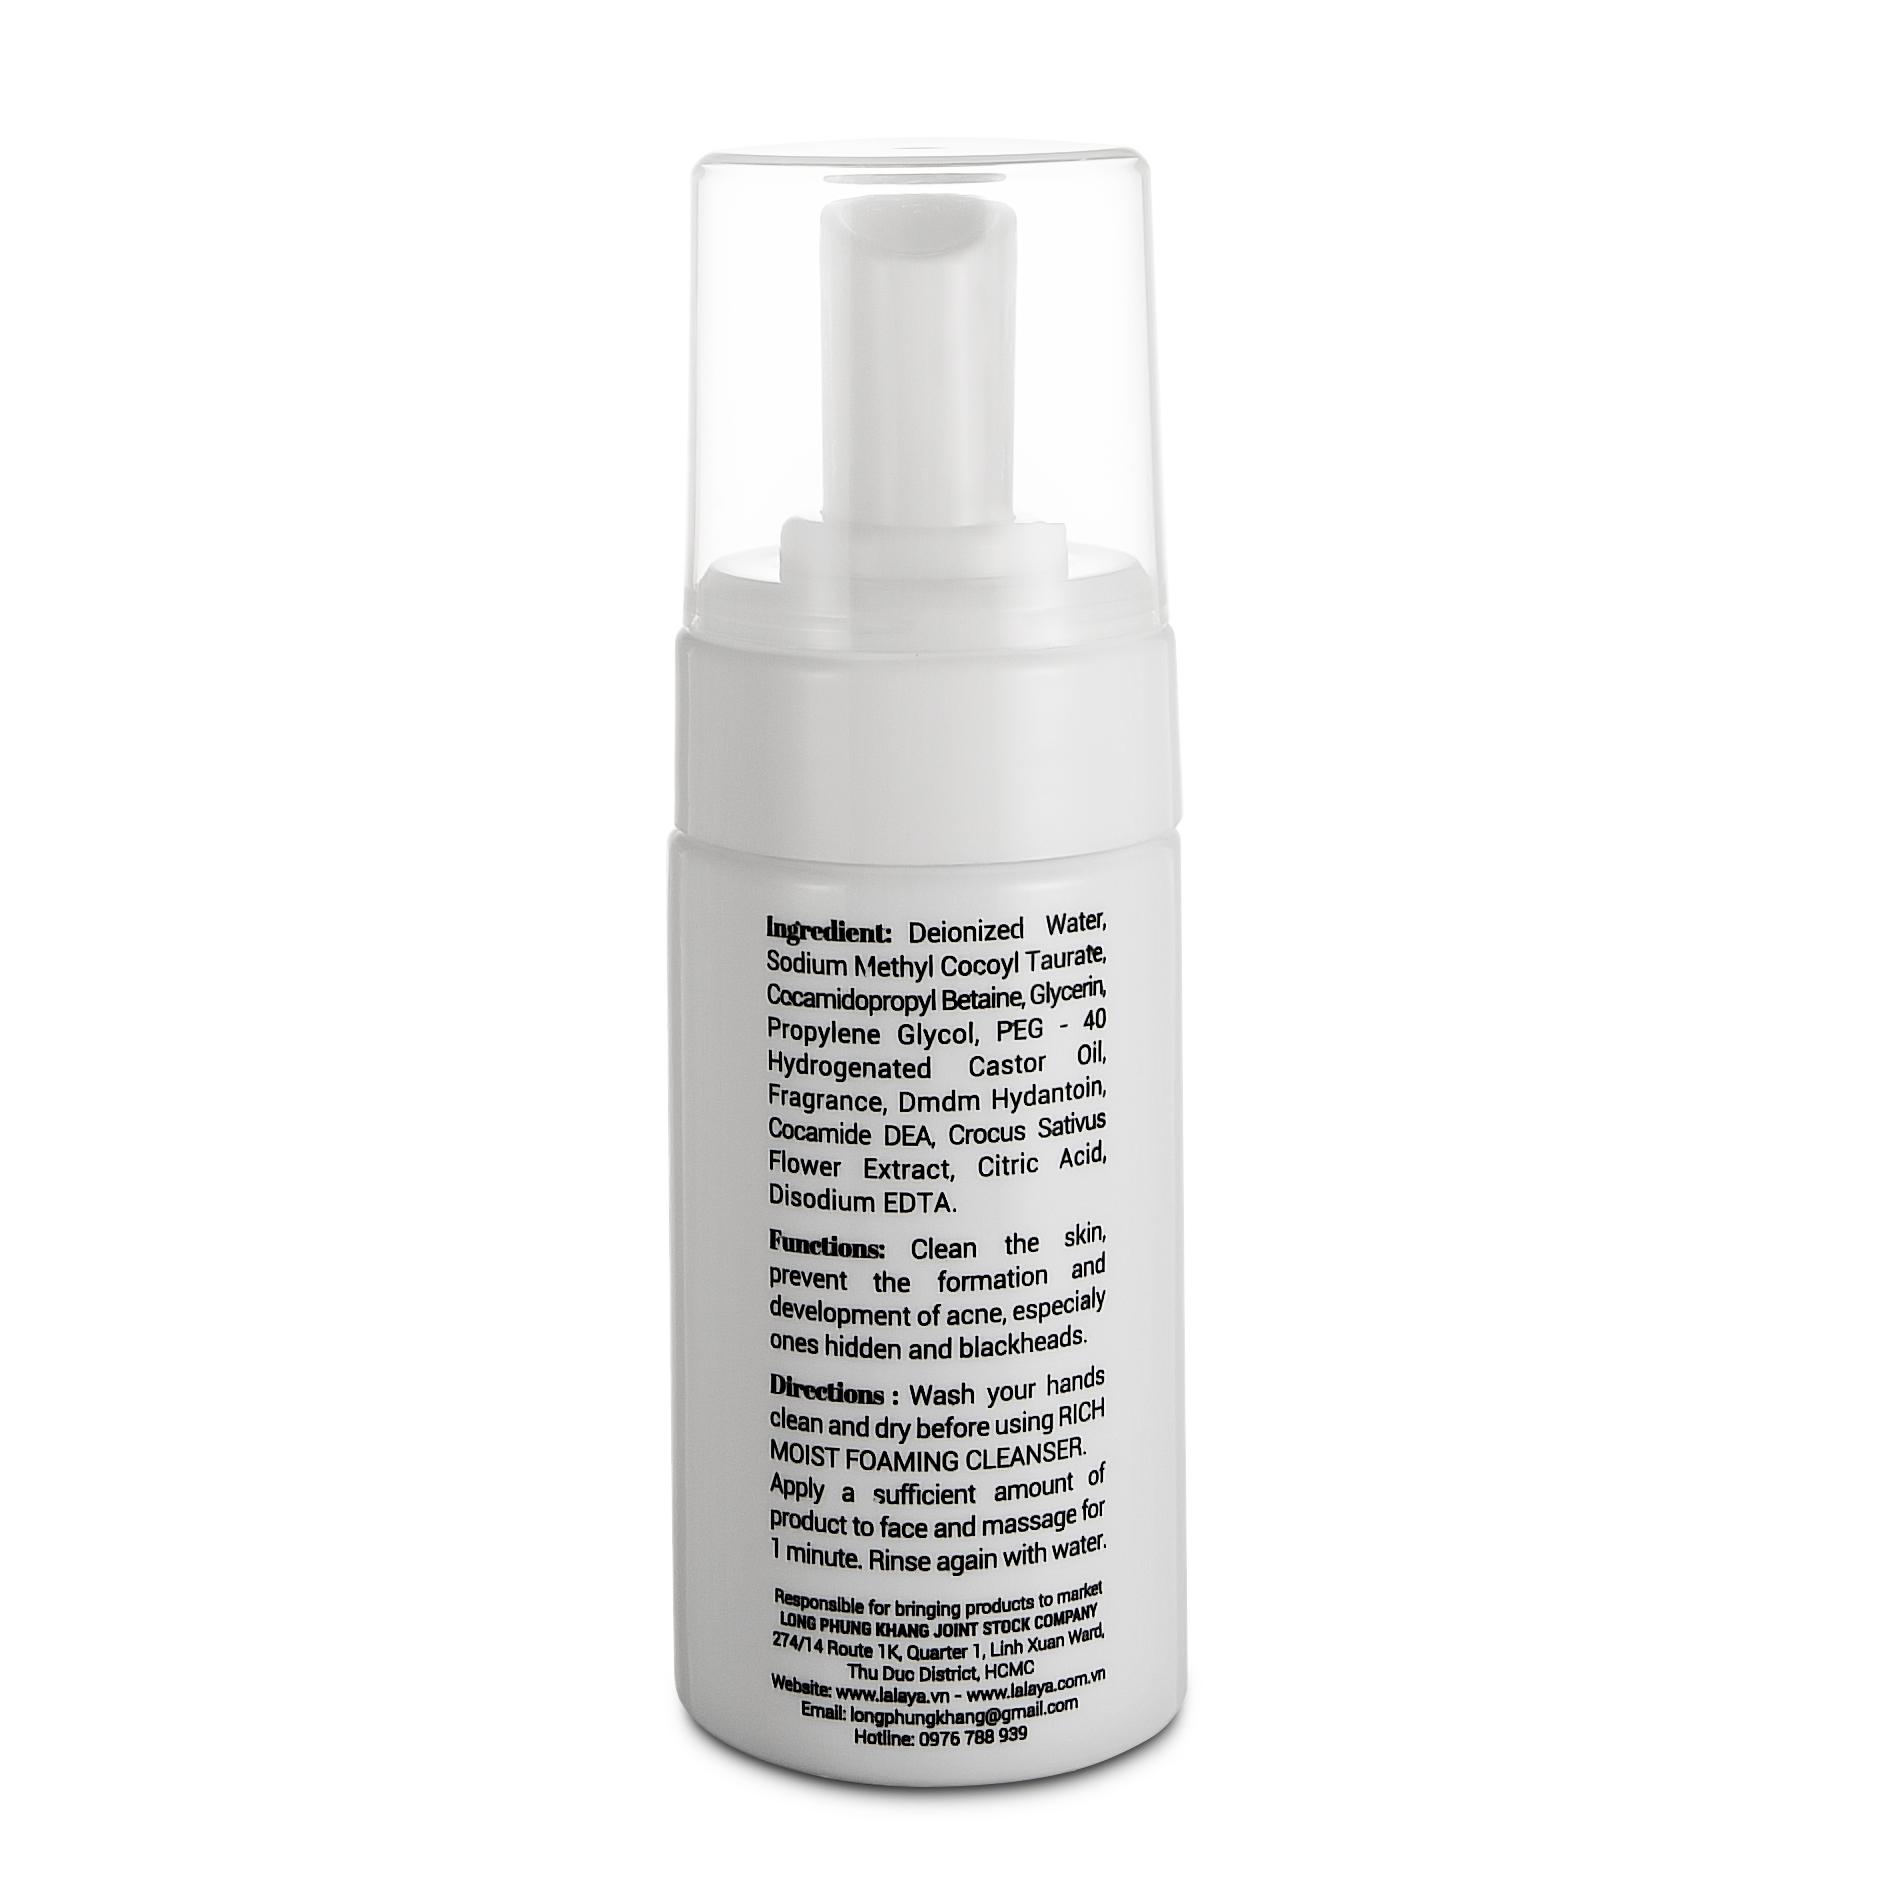 Sữa rửa mặt tạo bọt dịu nhẹ làm sạch sâu & giảm nhờn công thức không xà phòng đặc biệt cho da nhạy cảm Lalaya Rich Moist Foaming Cleanser LLY07